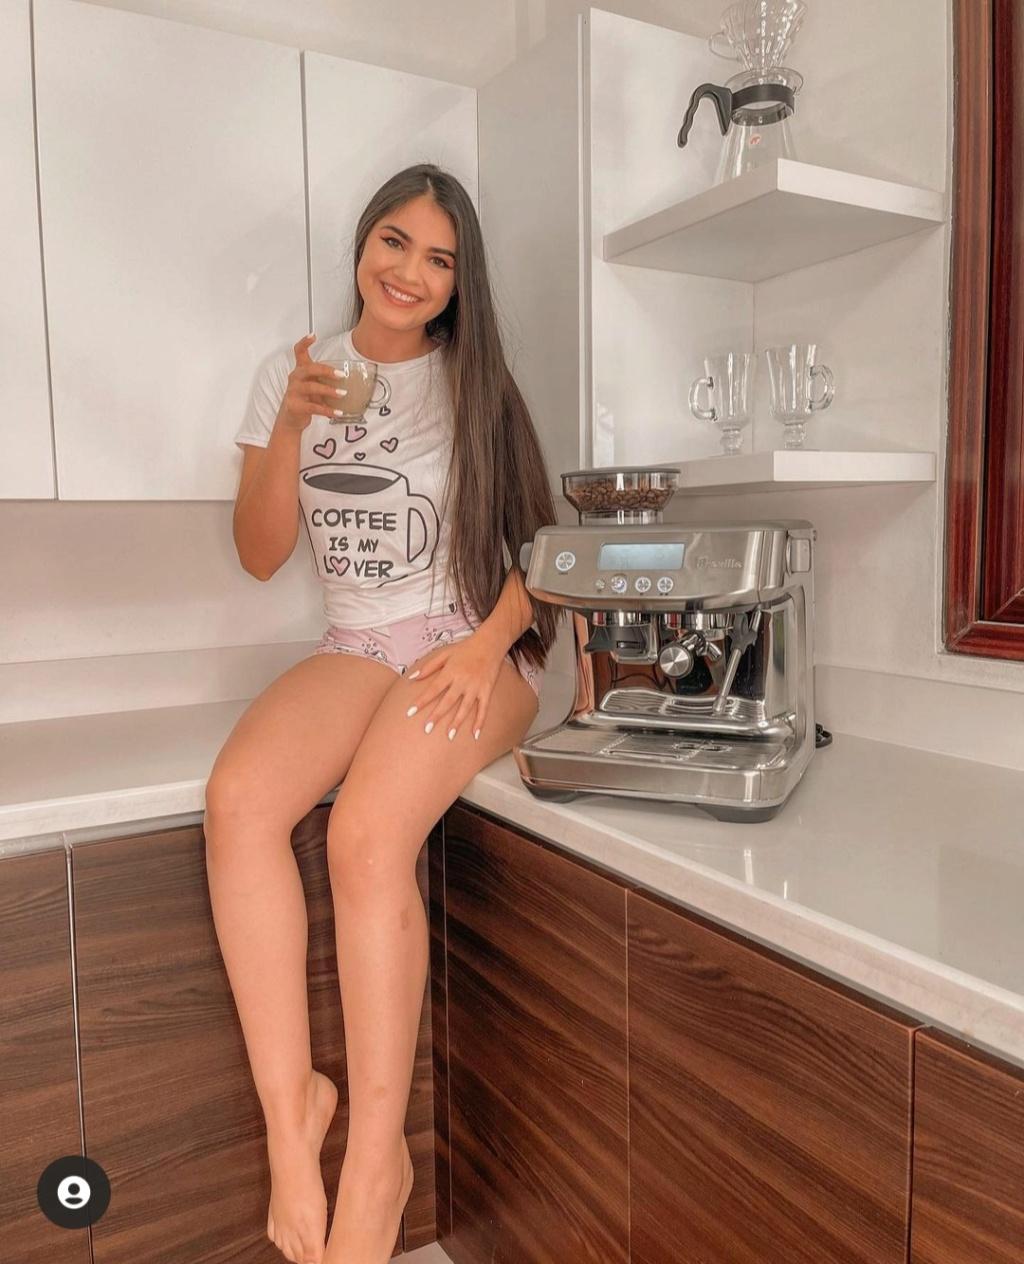 DEBATE sobre belleza, guapura y hermosura (fotos de chicas latinas, mestizas, y de todo) - VOL II - Página 4 Img_1696